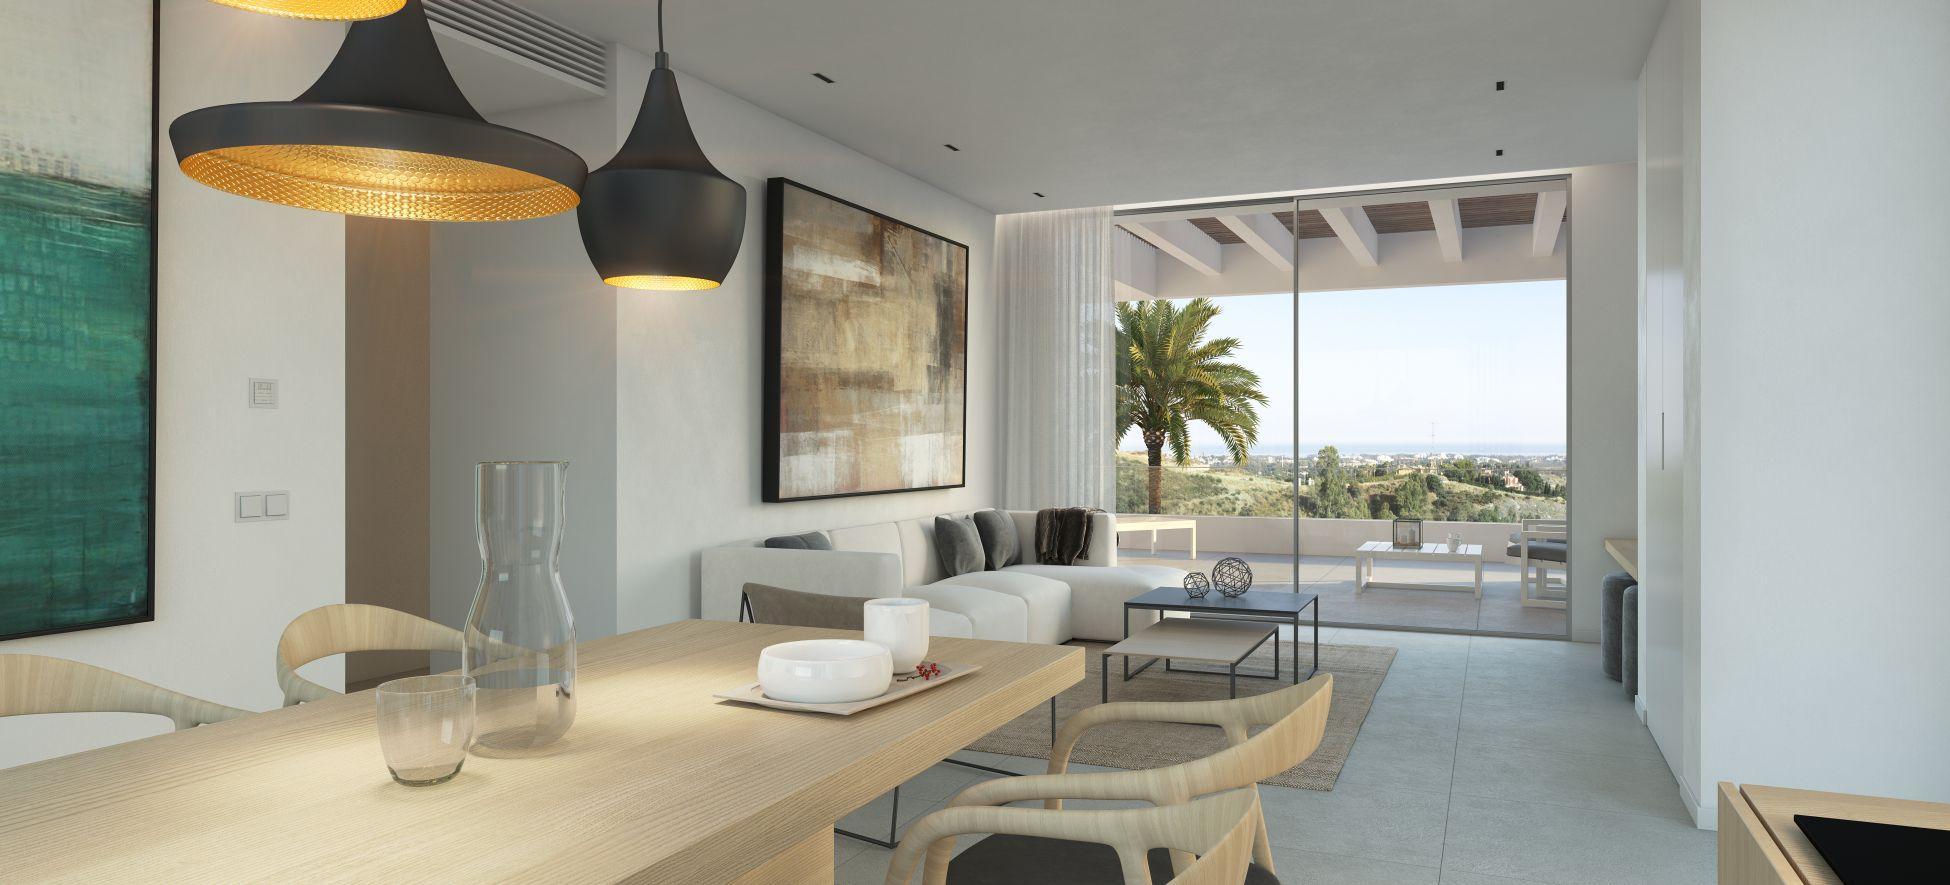 Unico-penthouse living